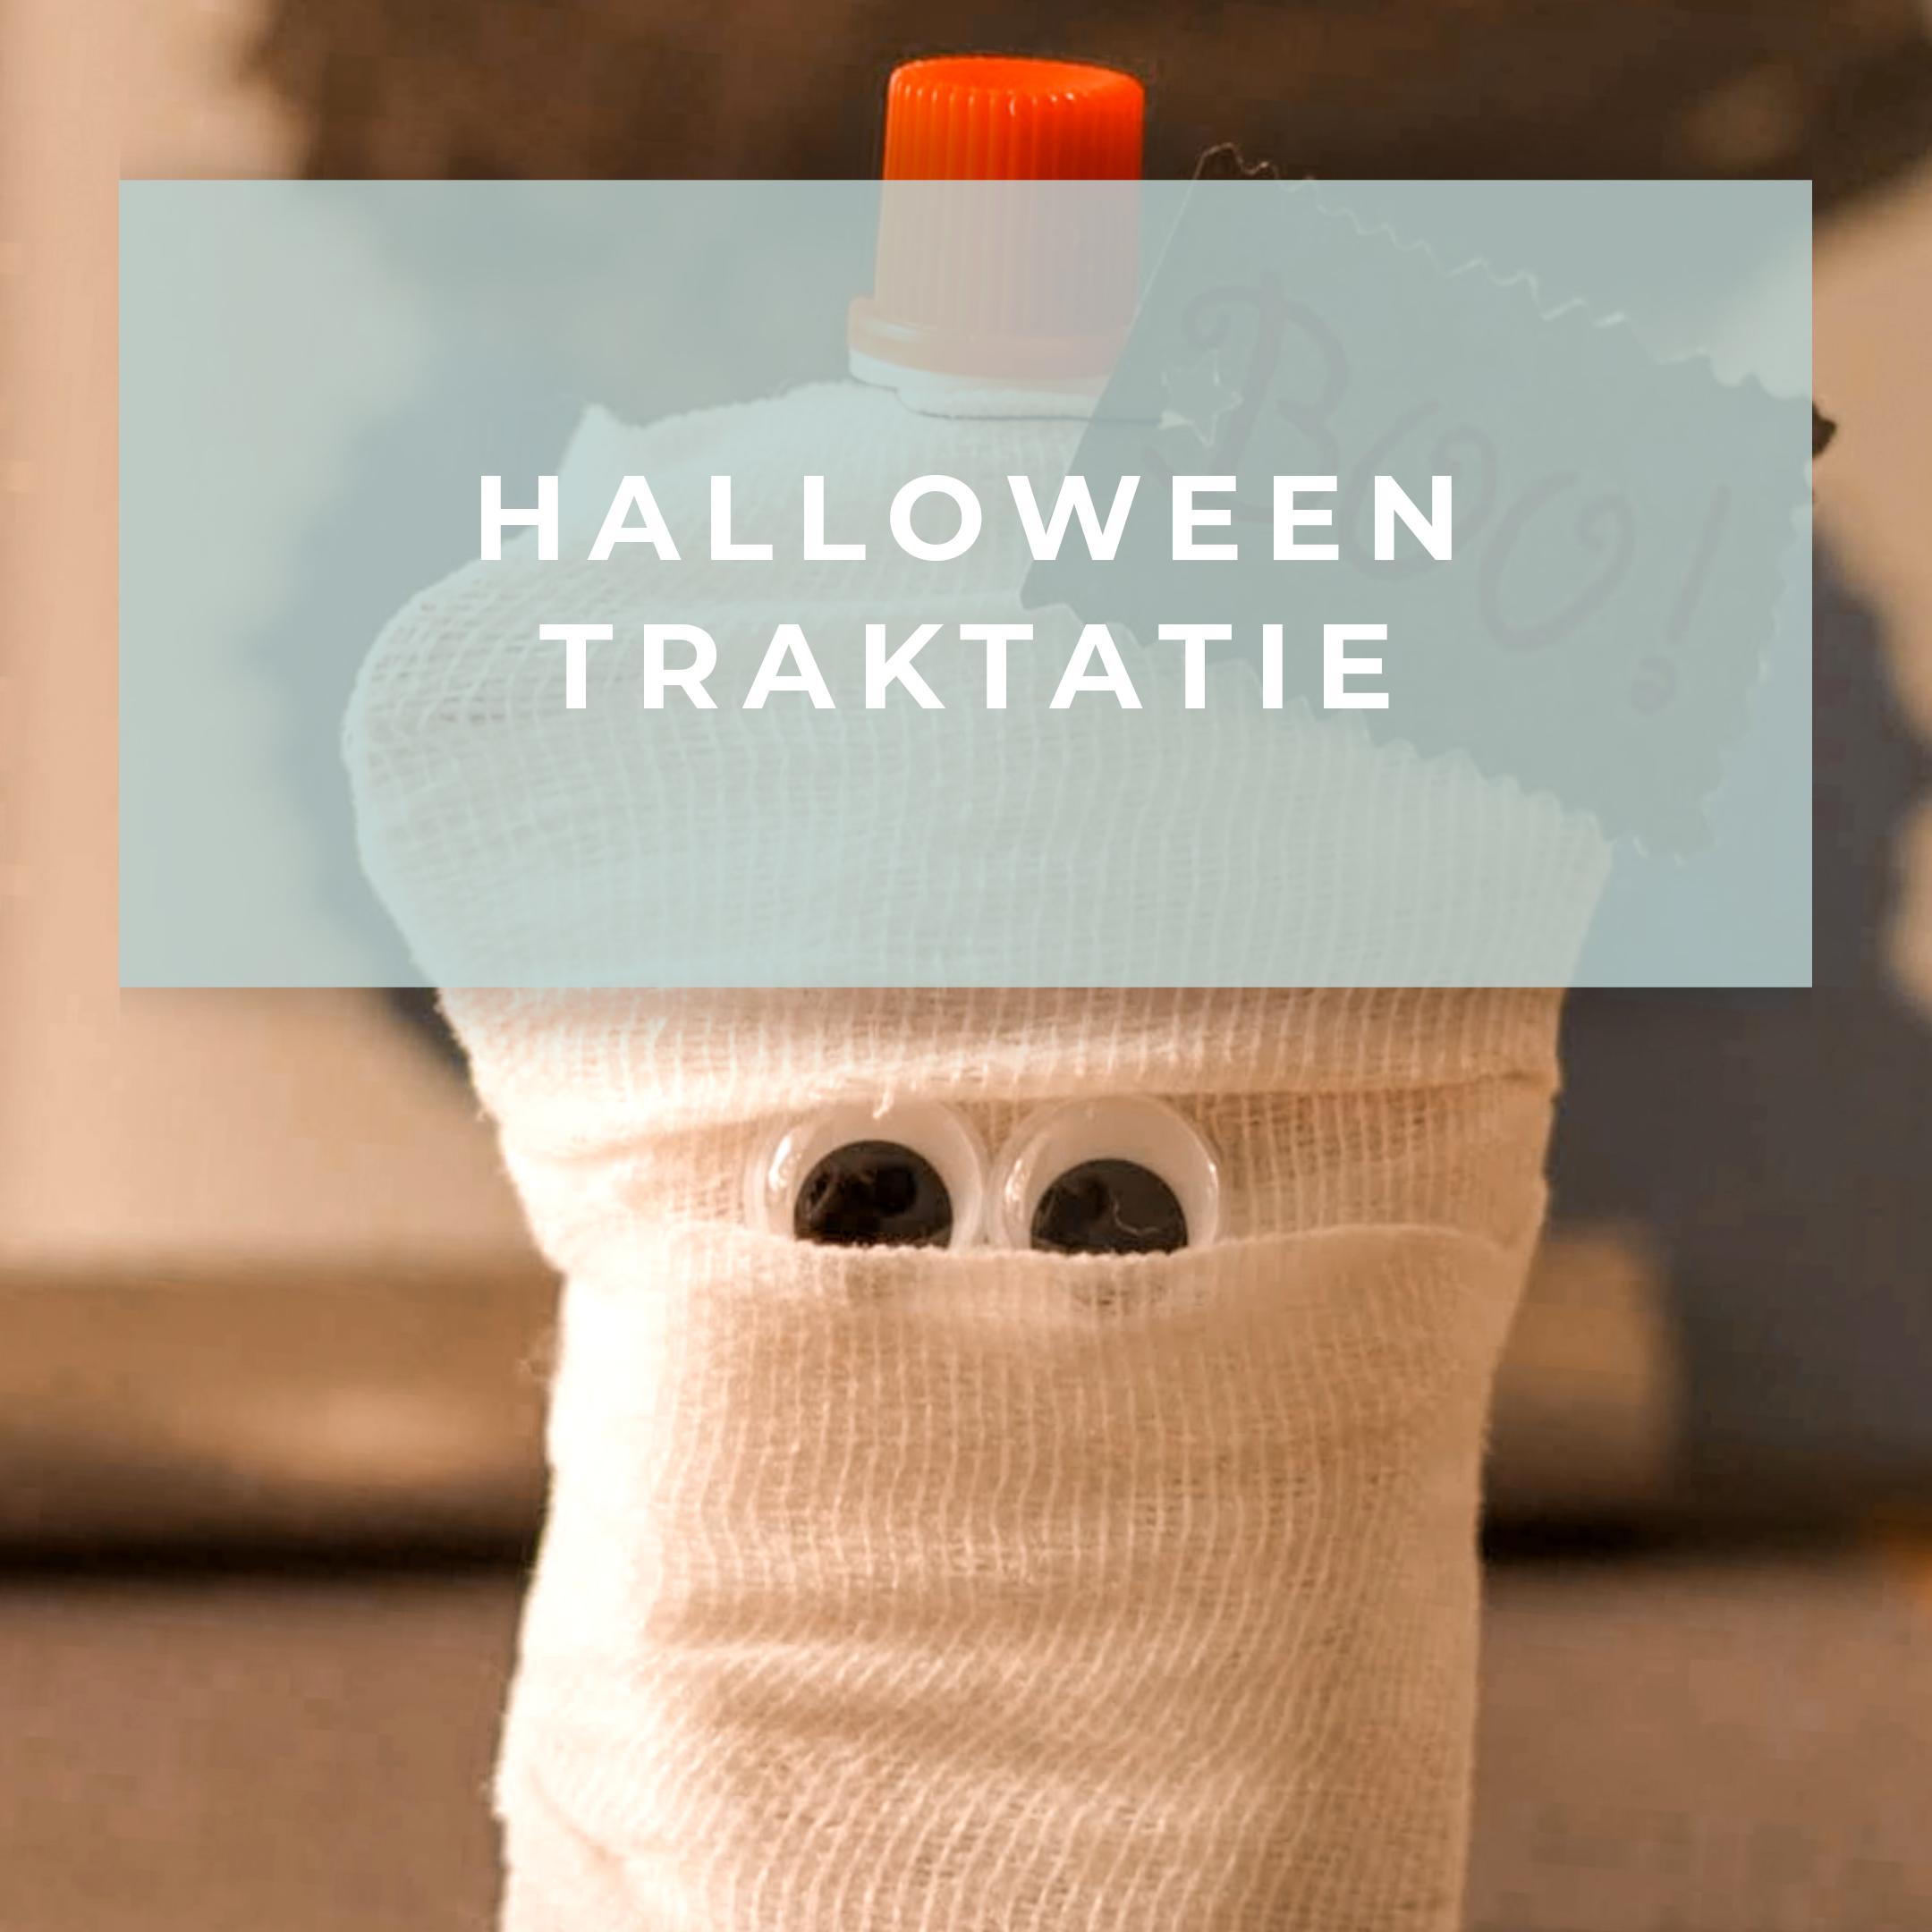 Spooky Halloween traktatie voor op het kinderdagverblijf